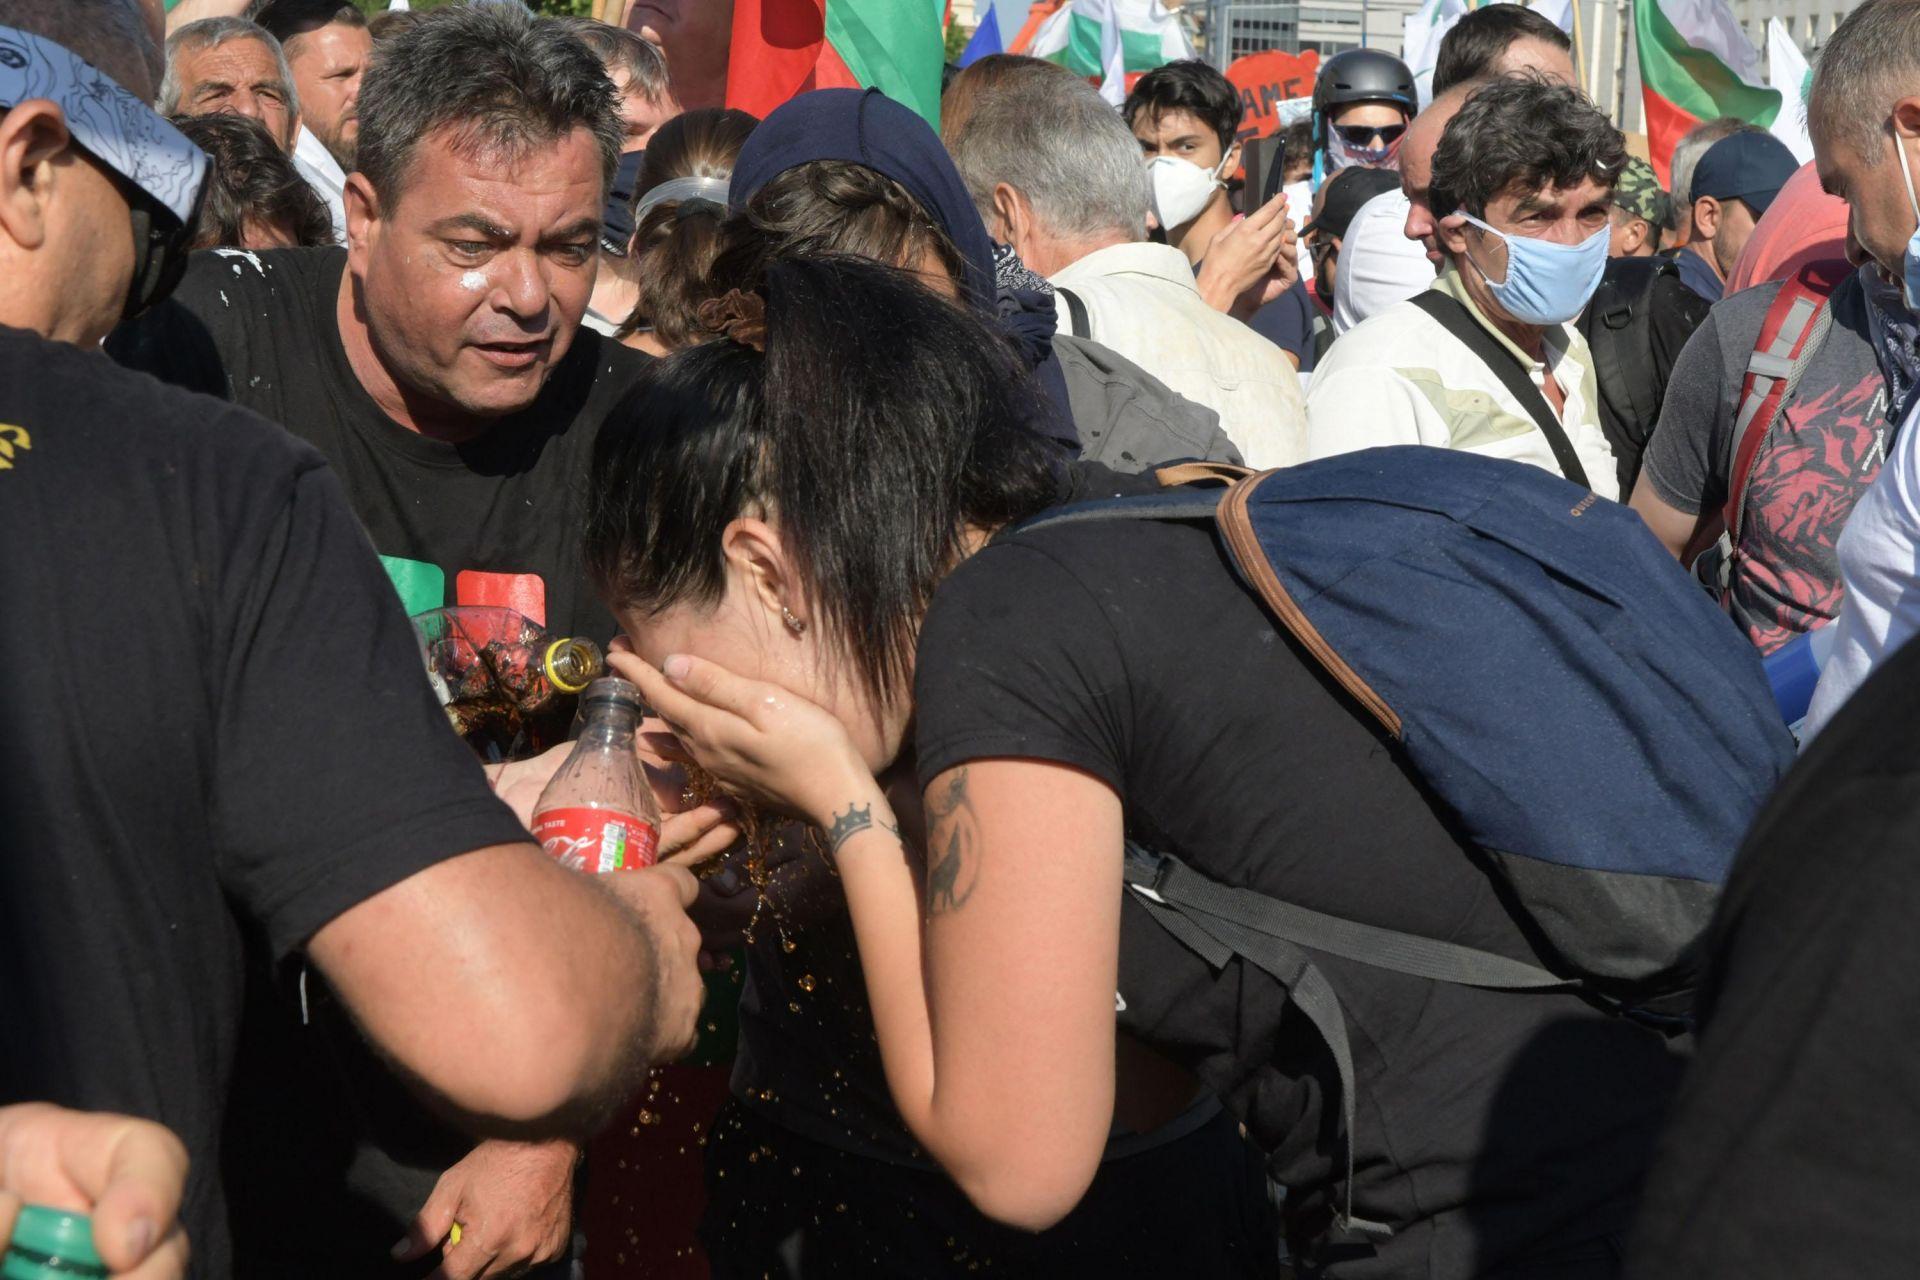 Към 10.30 ч втори опит за пробив в парламента, полицията отвърна със сълзотворен газ. Много полицаи и граждани пострадаха